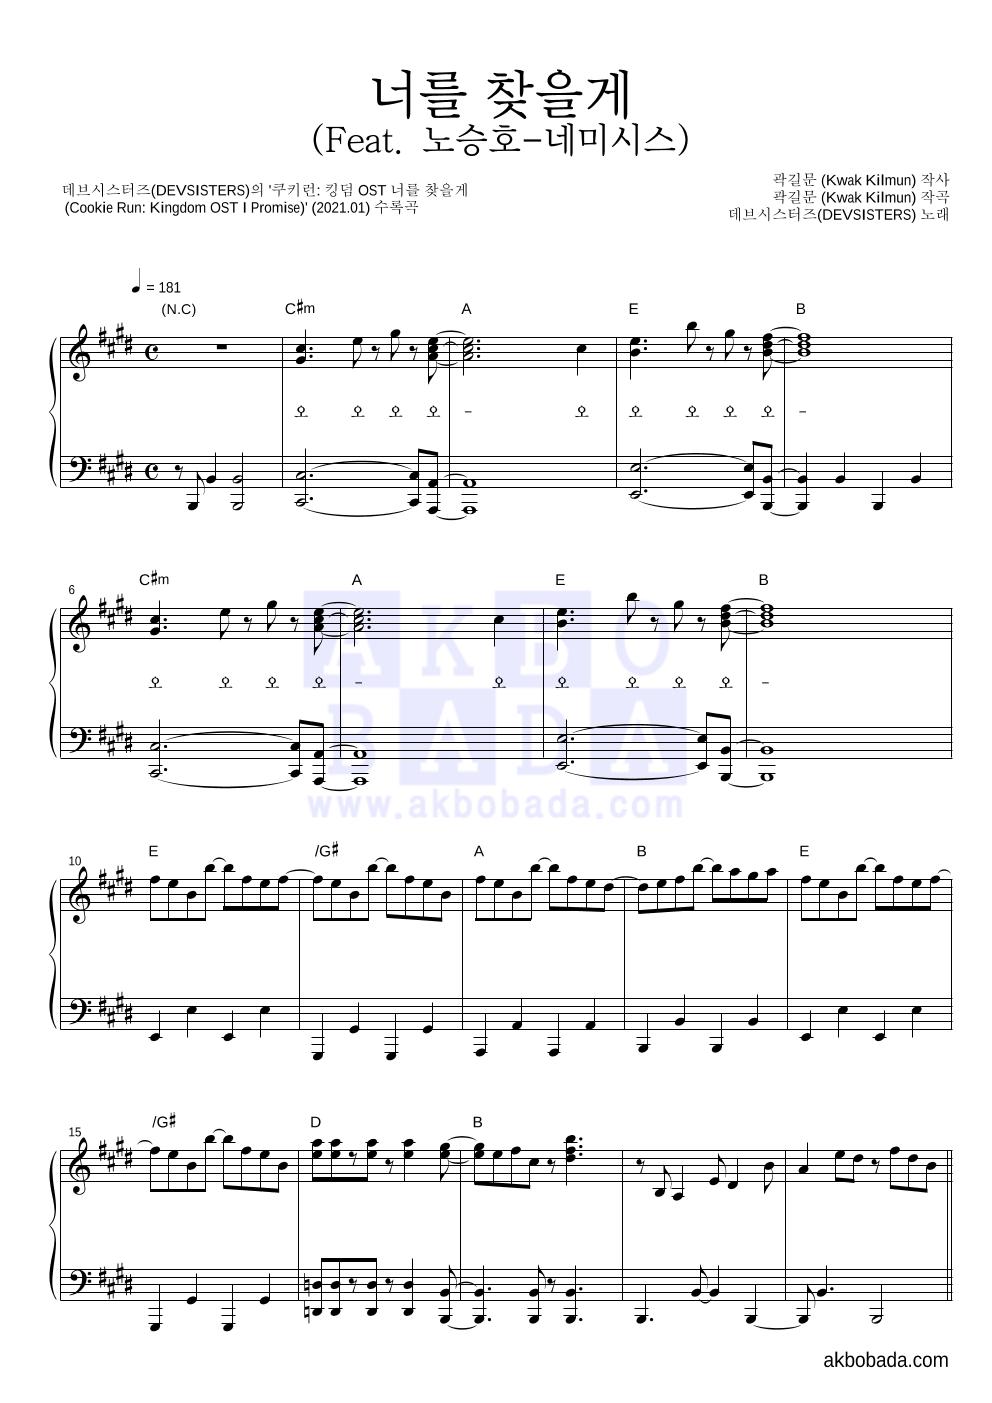 데브시스터즈 - 너를 찾을게 (Feat. 노승호-네미시스) 피아노 2단 악보